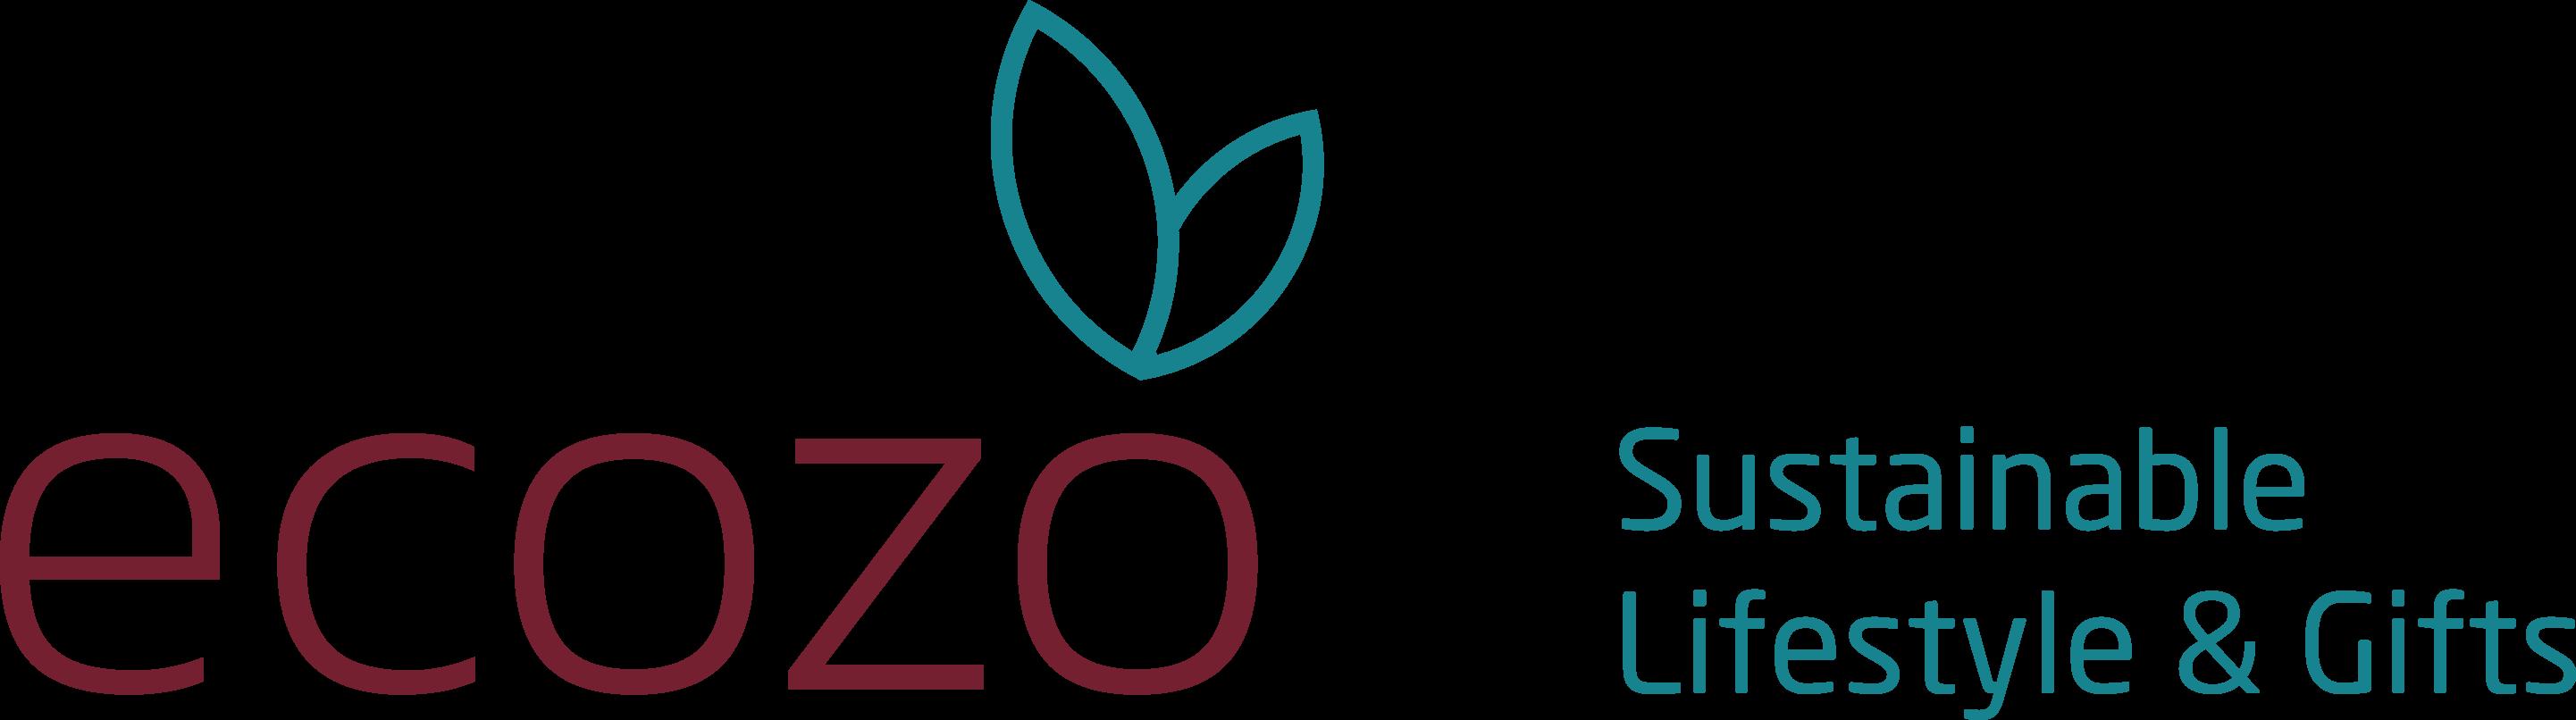 Ecozo